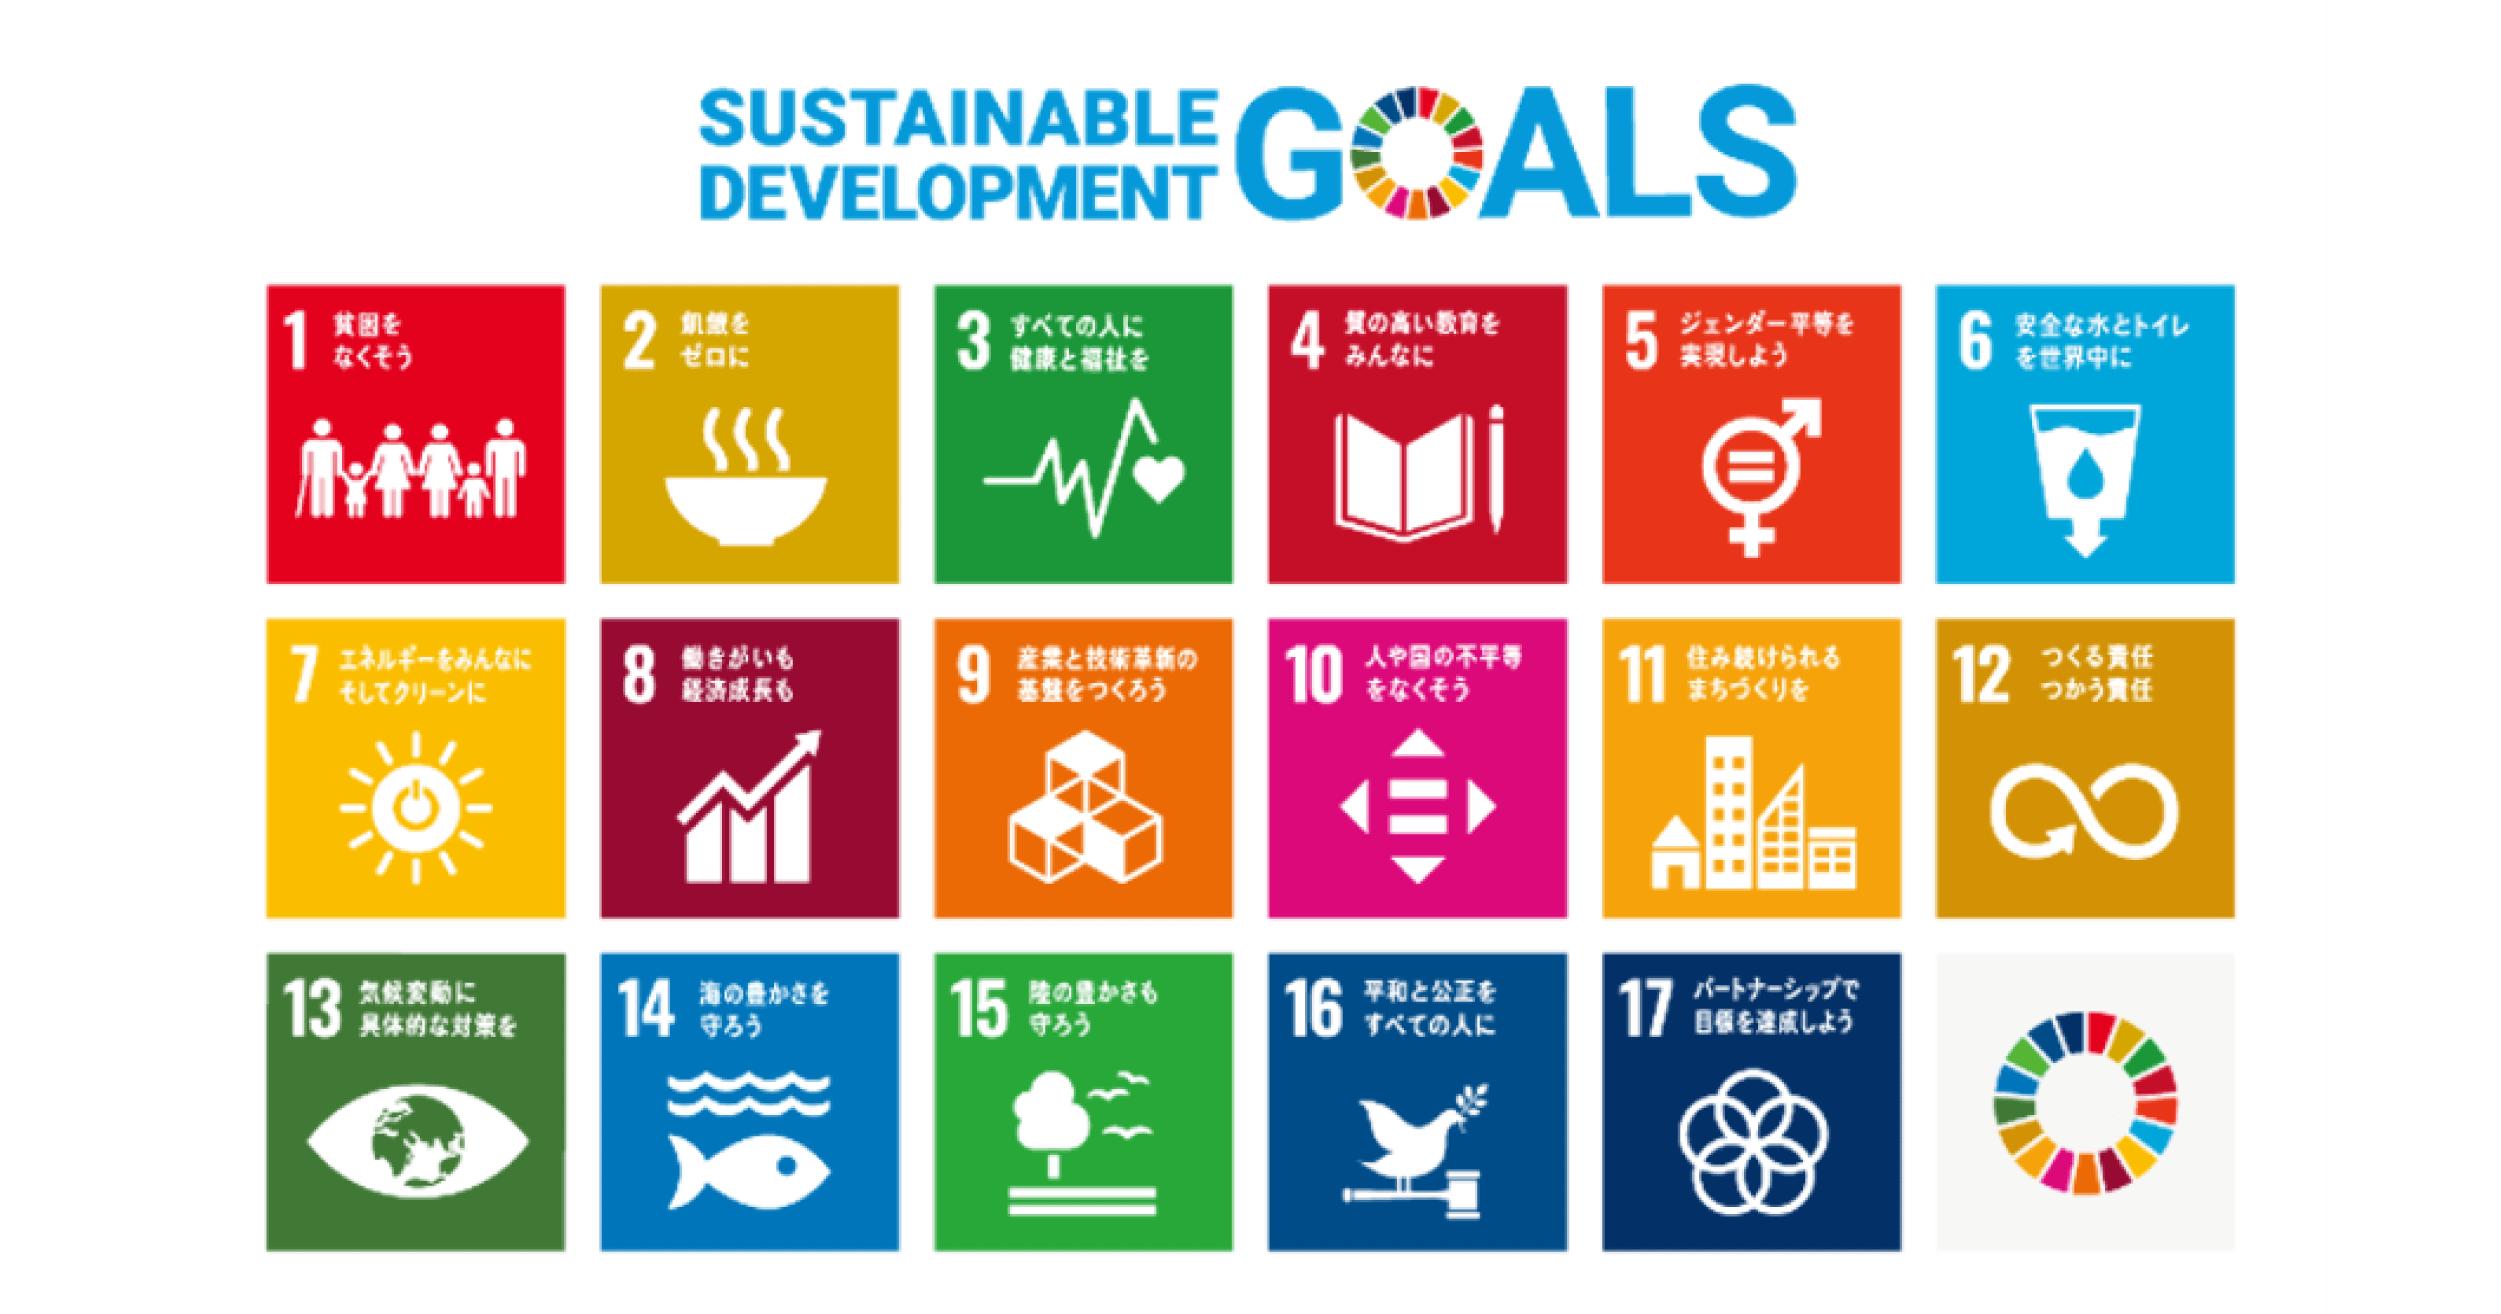 株式会社トライバルメディアハウスが、マーケティングを通じて持続可能な社会づくりと課題解決を目指す「SDGs方針」を策定